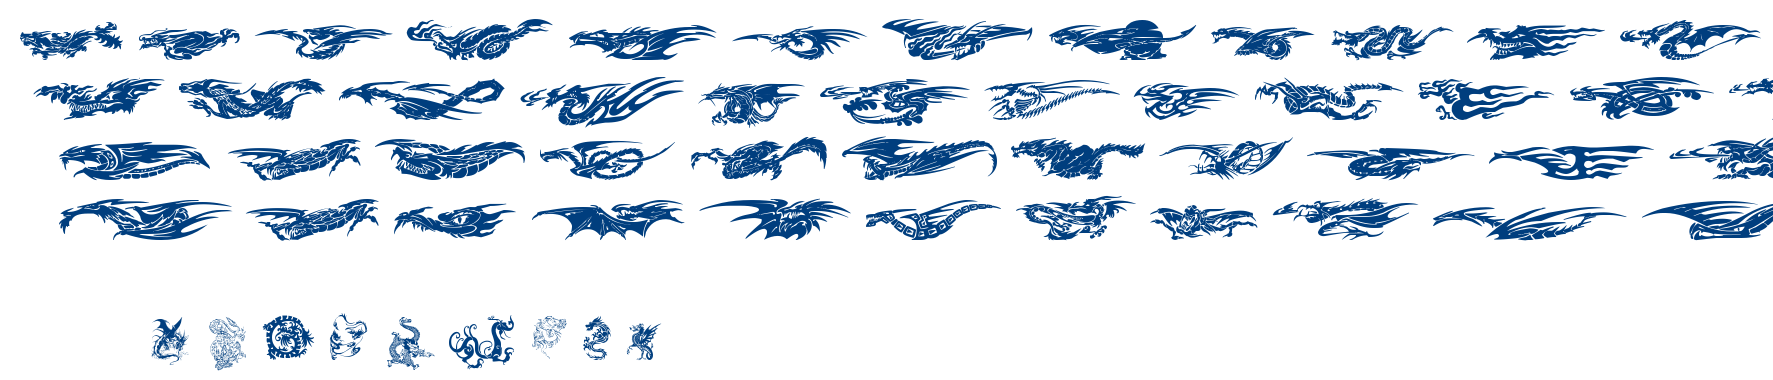 Dragons TFB font